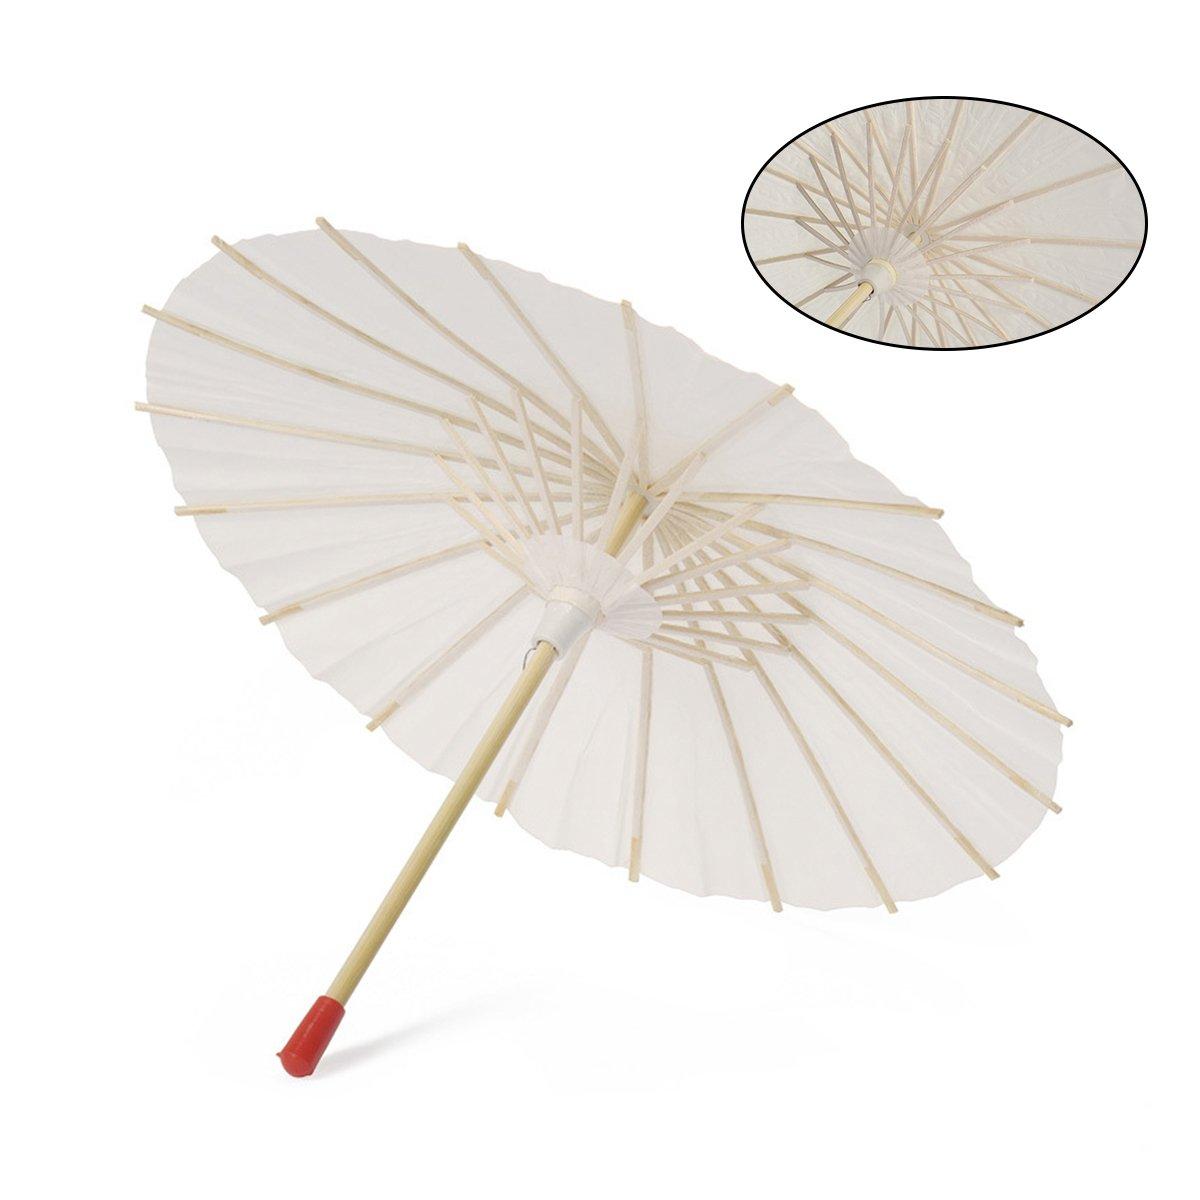 BESTOYARD Ombrellone 2PCS Carta Bianca con Decorazioni di Nozze di Carta Giapponese Cinese Ombrello Taglia 22